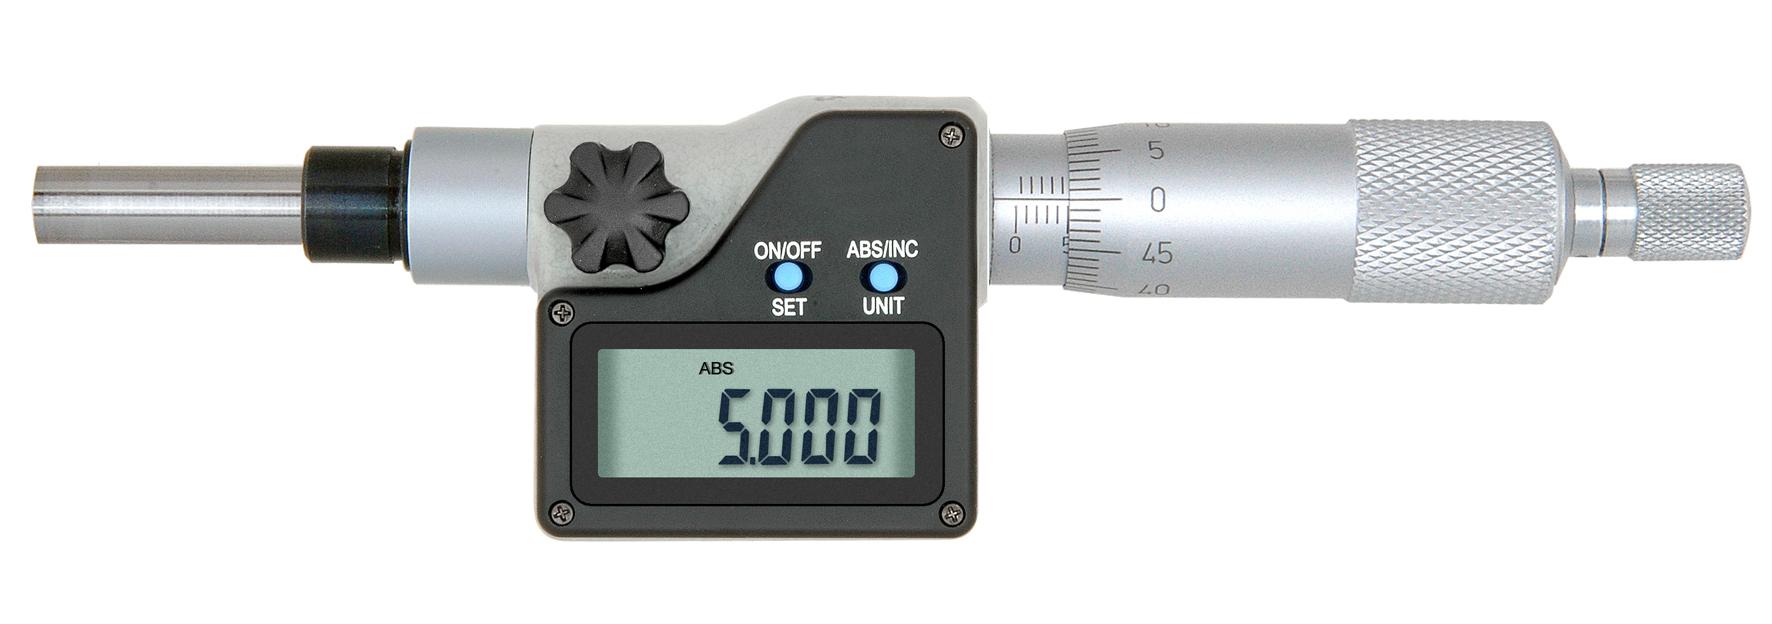 Digital-Einbau-Messschraube DIN 863 - 25 mm - mit Aufnahme Ø5 mm